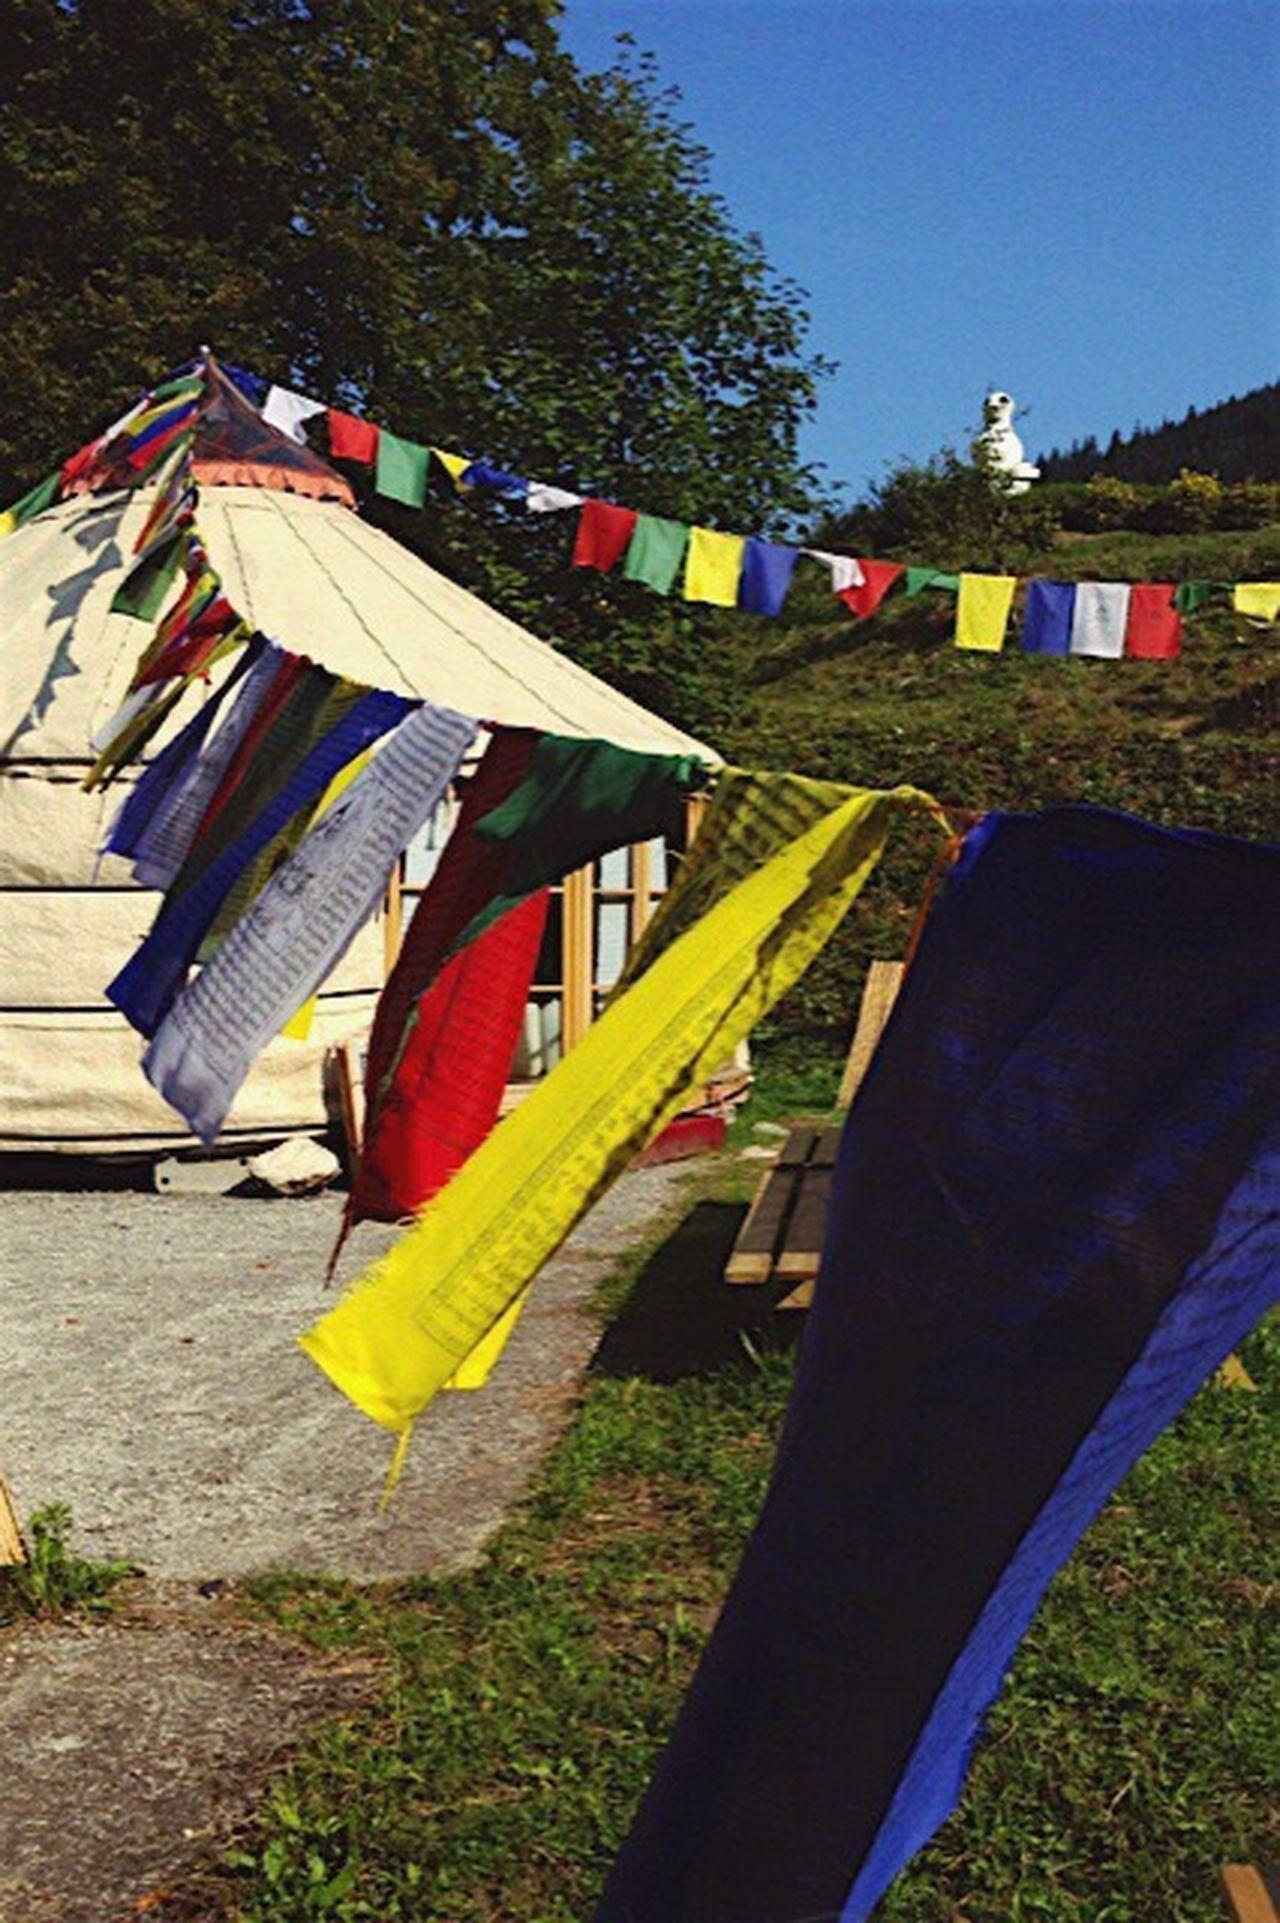 Temple Bouddhisme Drapeau Tibetan  Priere Pray Praying PrayforNepal Love Mantra